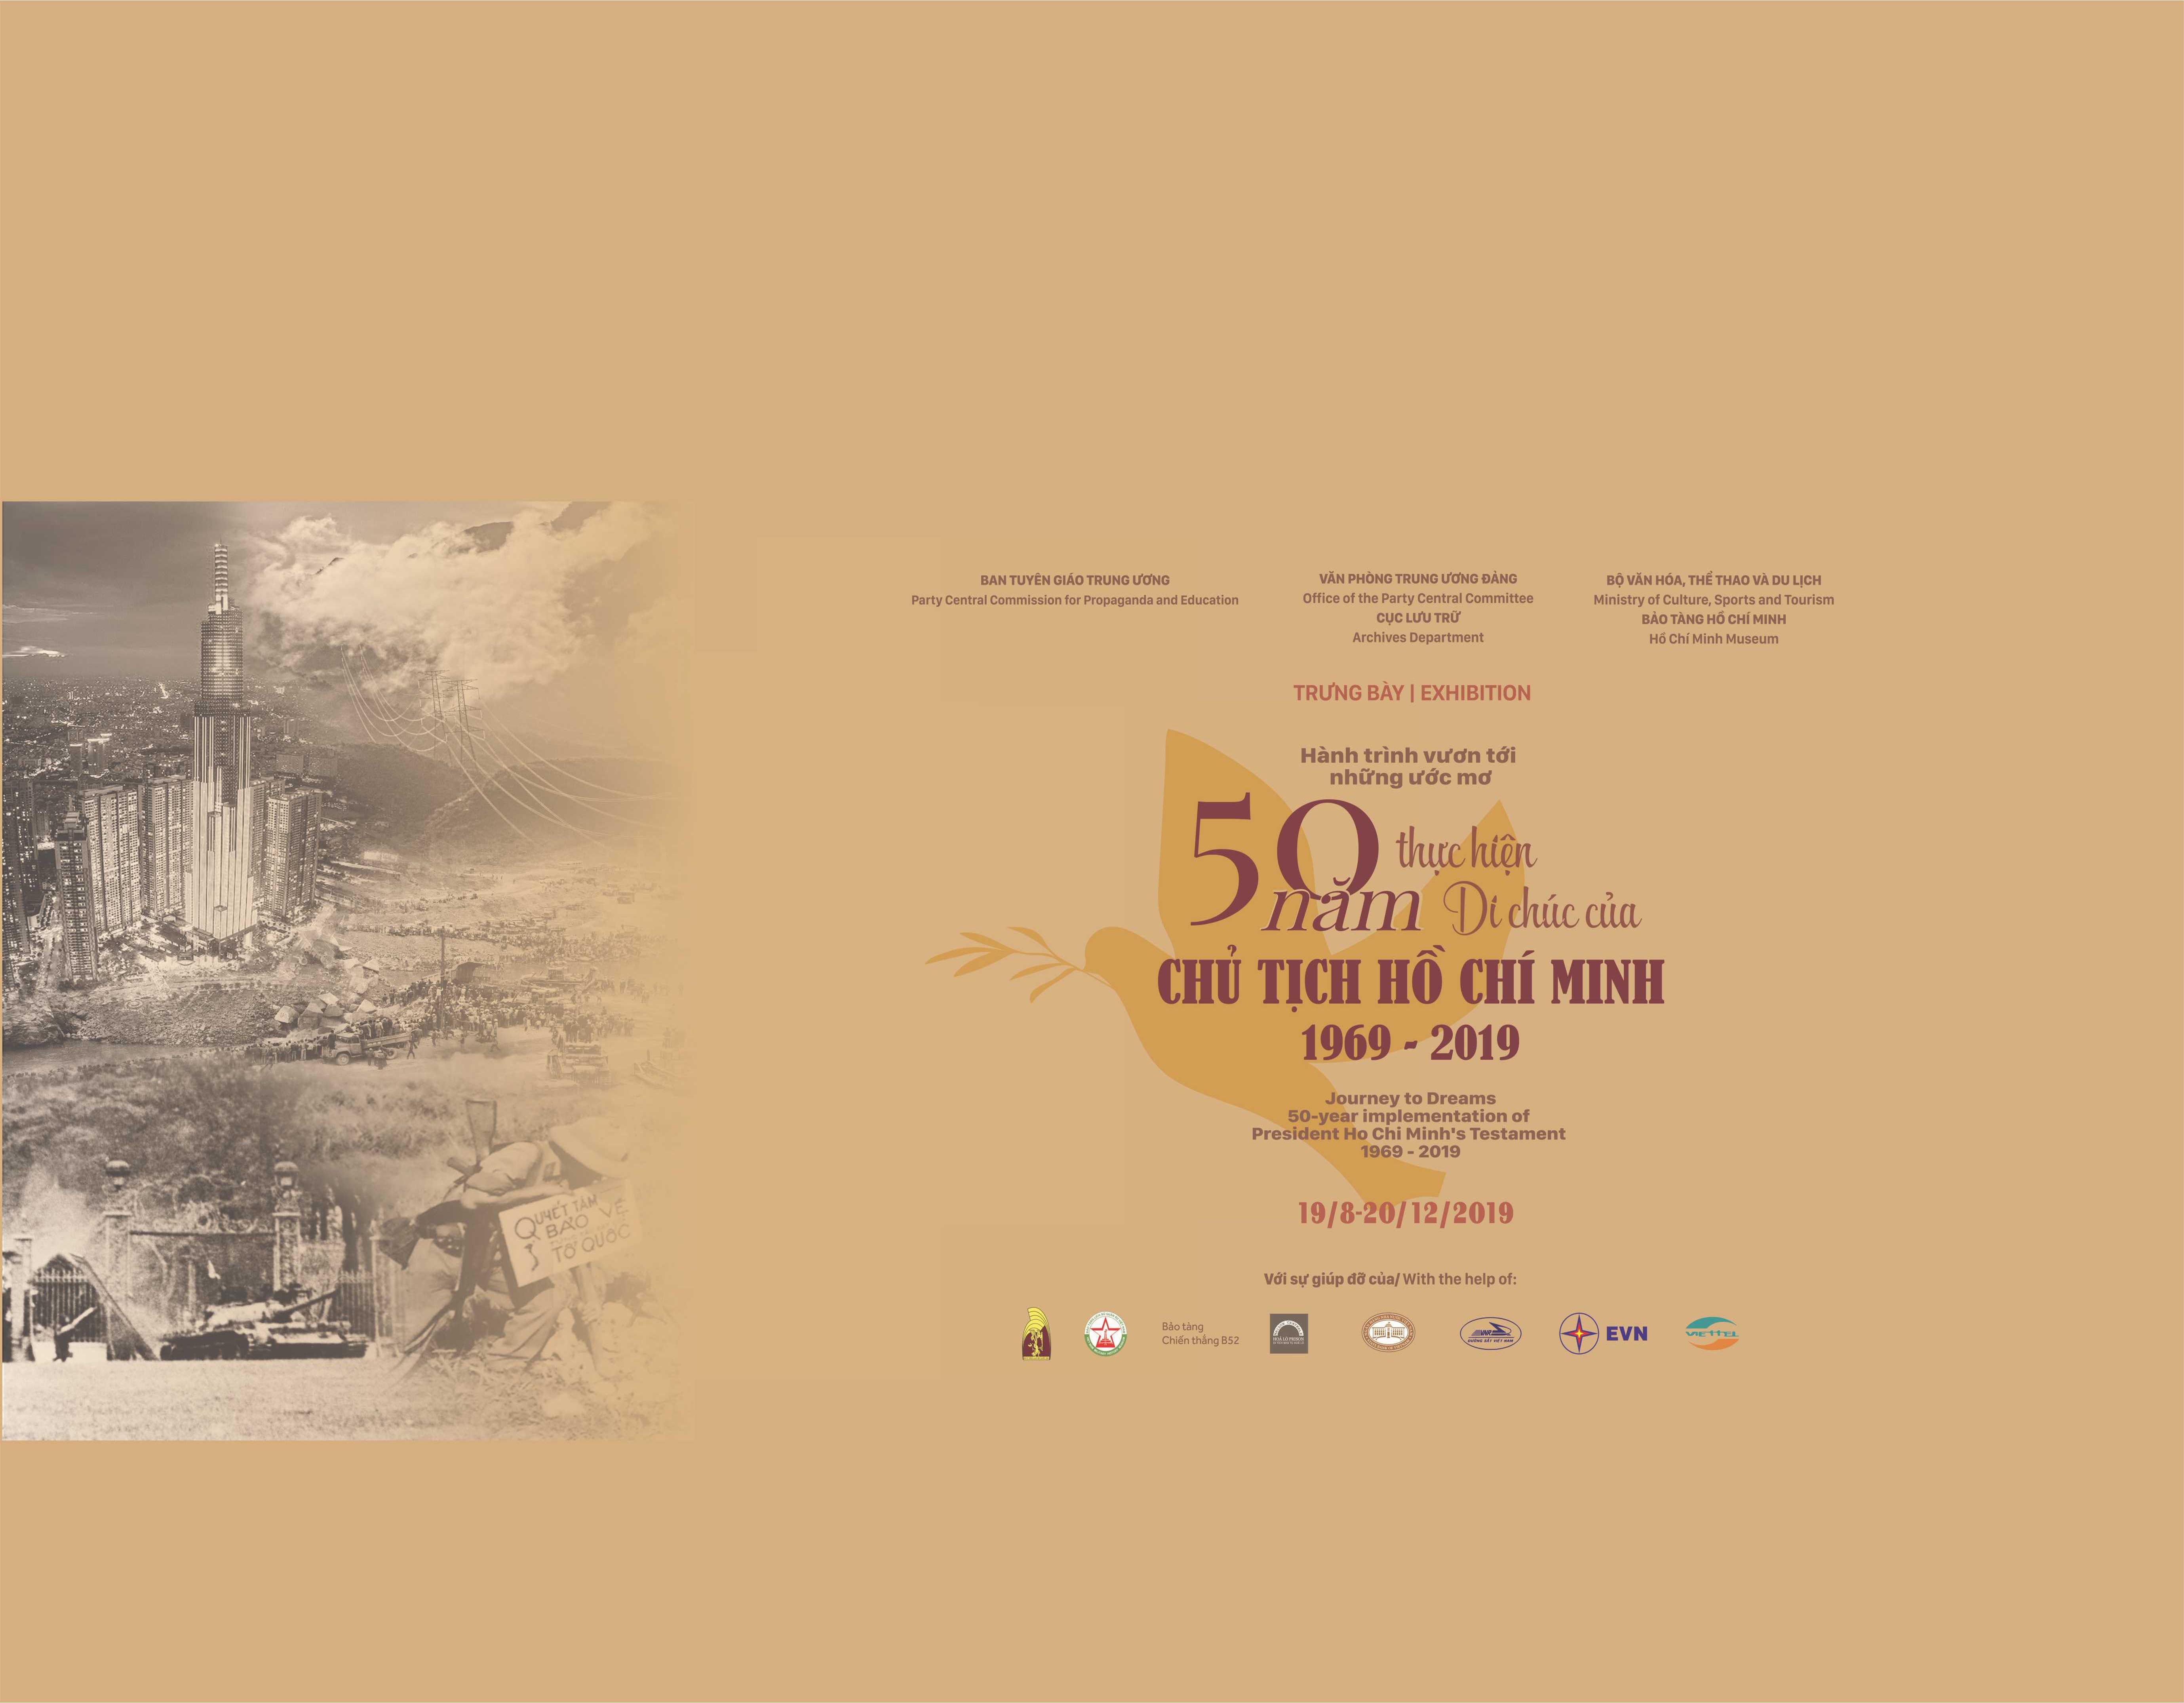 """Trưng bày chuyên đề : 'Hành trình vươn tới những ước mơ - 50 năm thực hiện Di chúc của Chủ tịch Hồ Chí Minh (1969 – 2019)"""""""